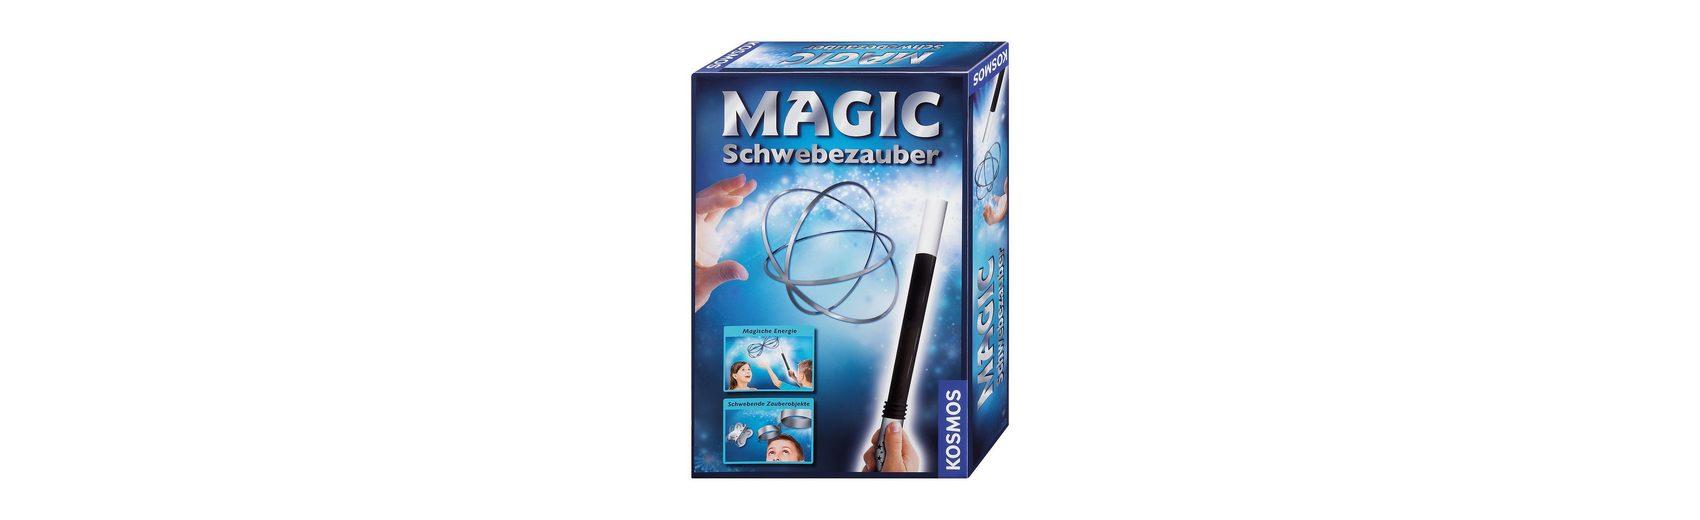 Kosmos Magic Schwebezauber